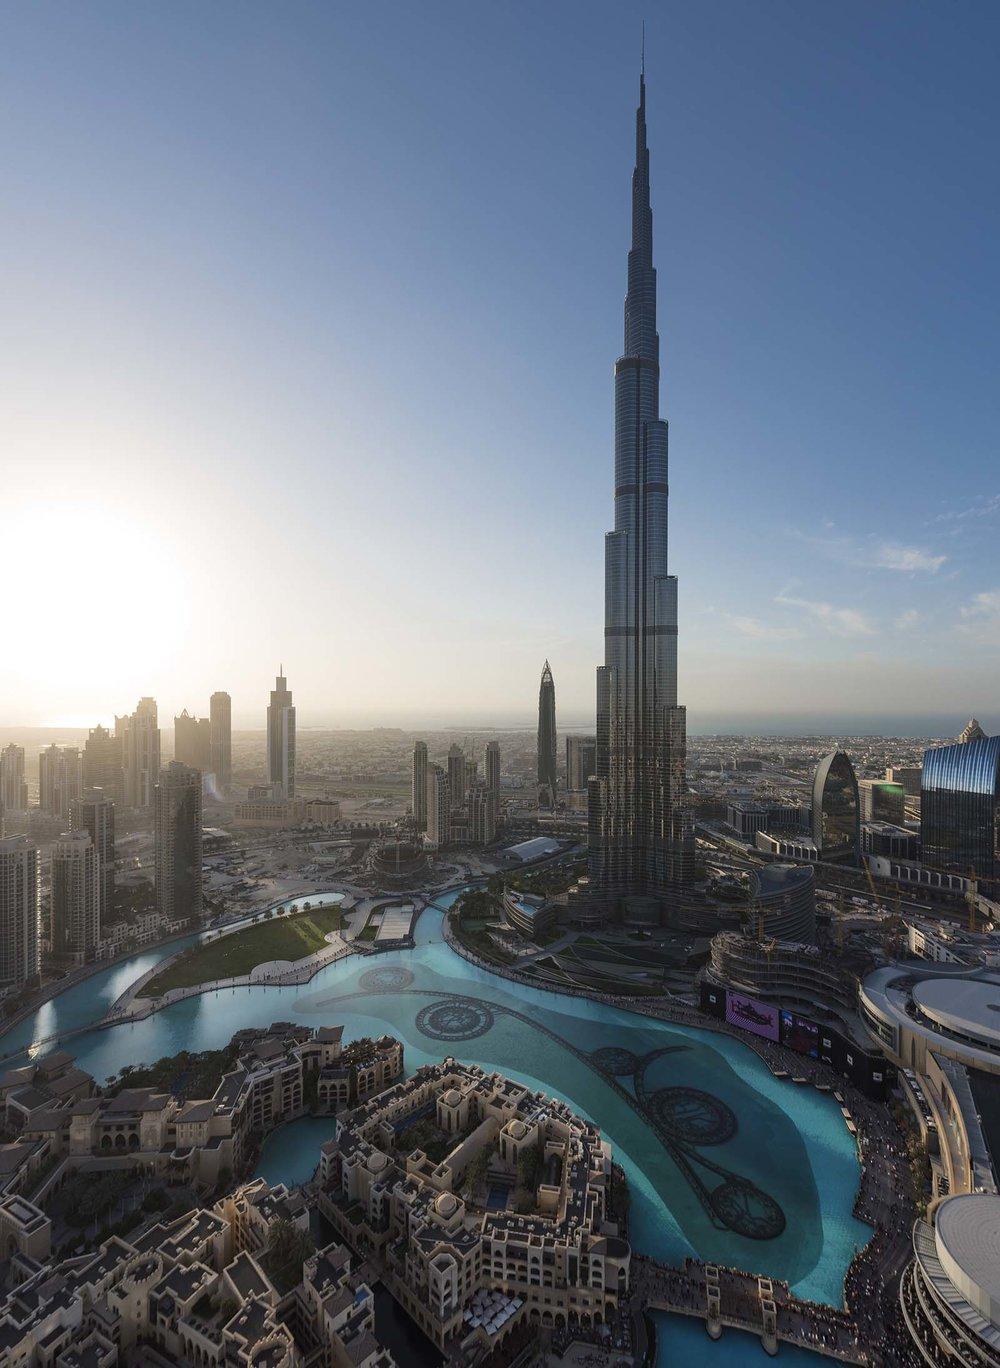 Burj Khalifa aerial view